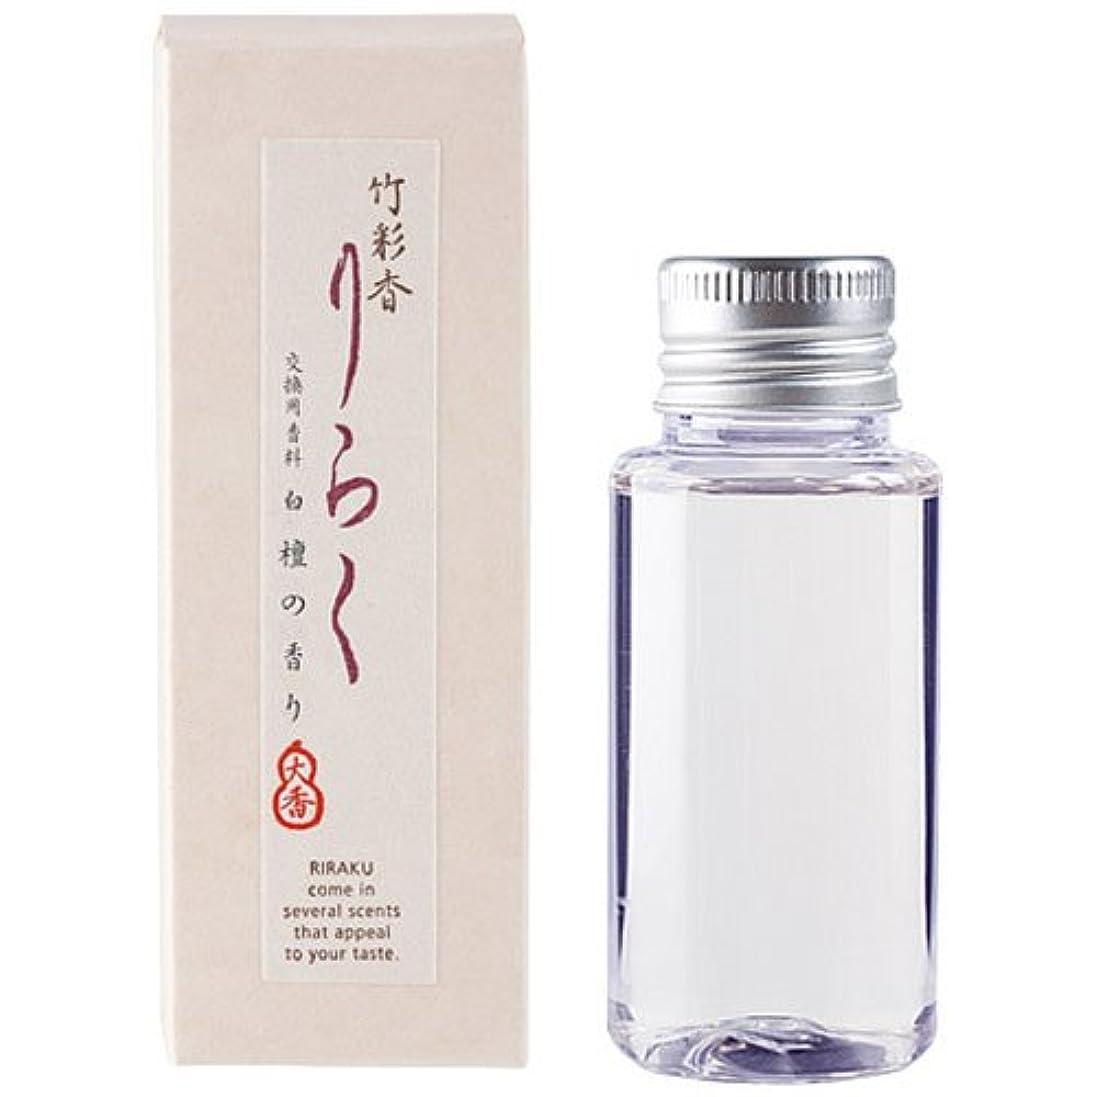 蒸発延ばす毒液竹彩香りらく 交換用香料白檀 50ml